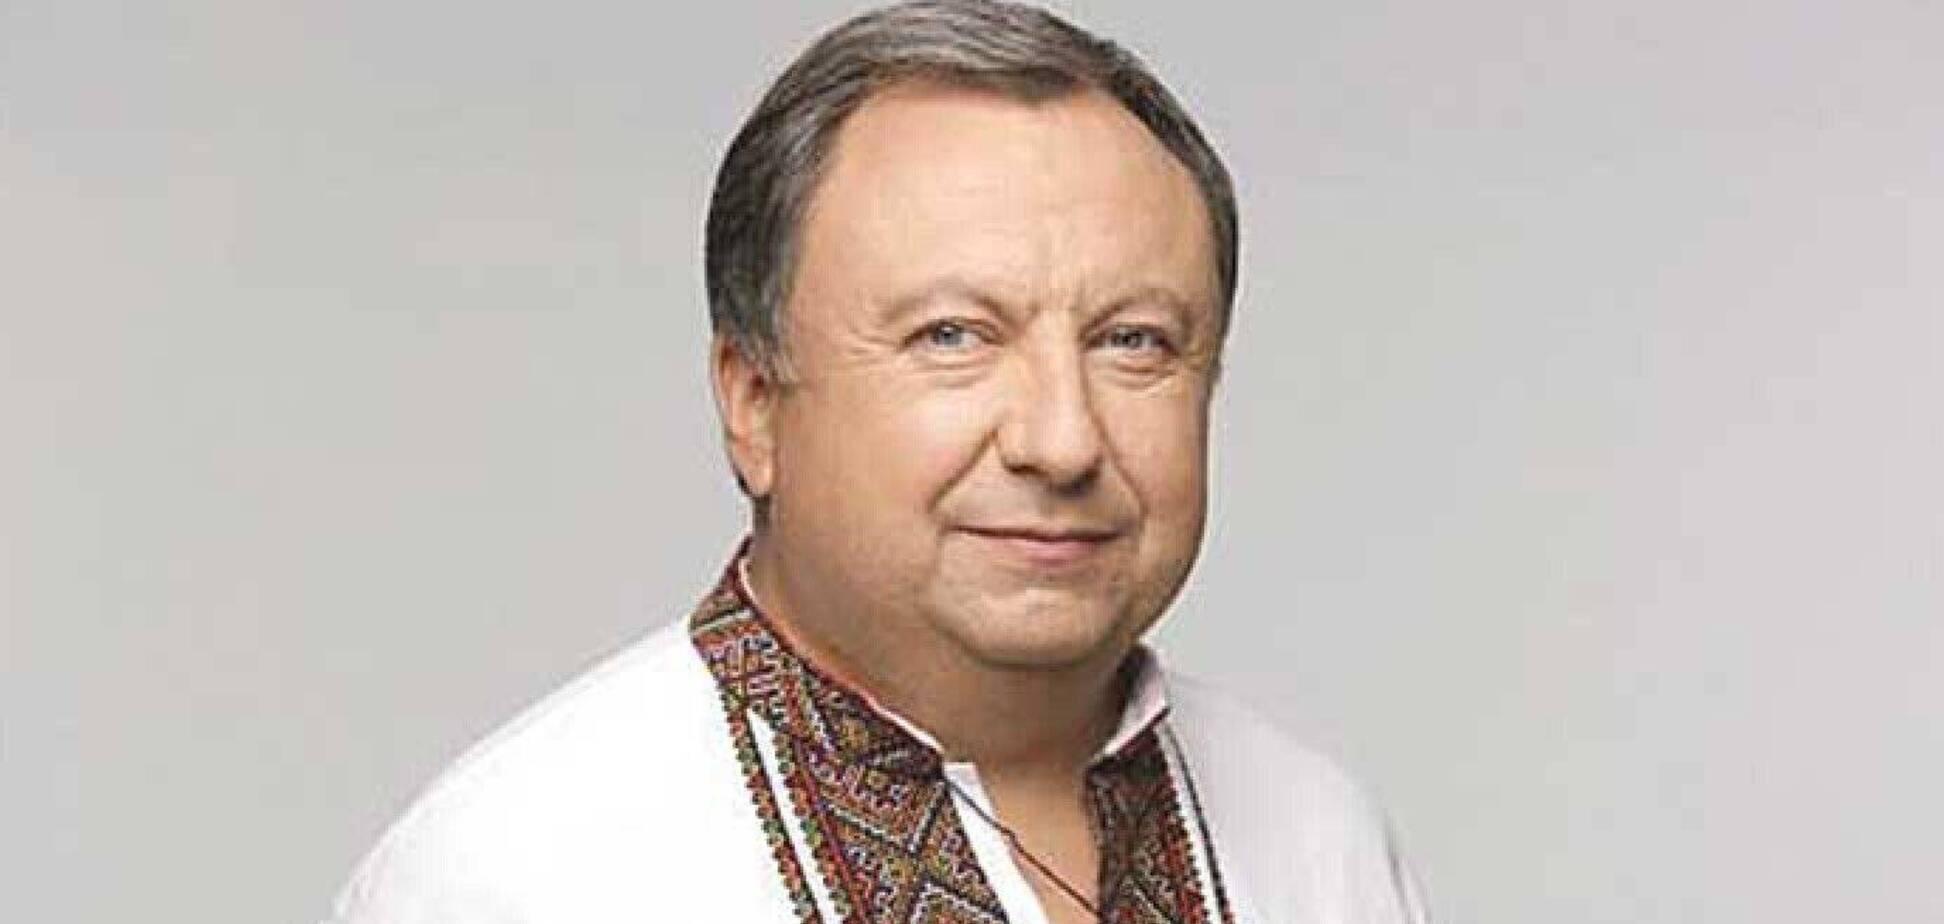 Княжицкий считает, что ГБР интересуют только проукраинские медиа (фото: Волинь-нова)